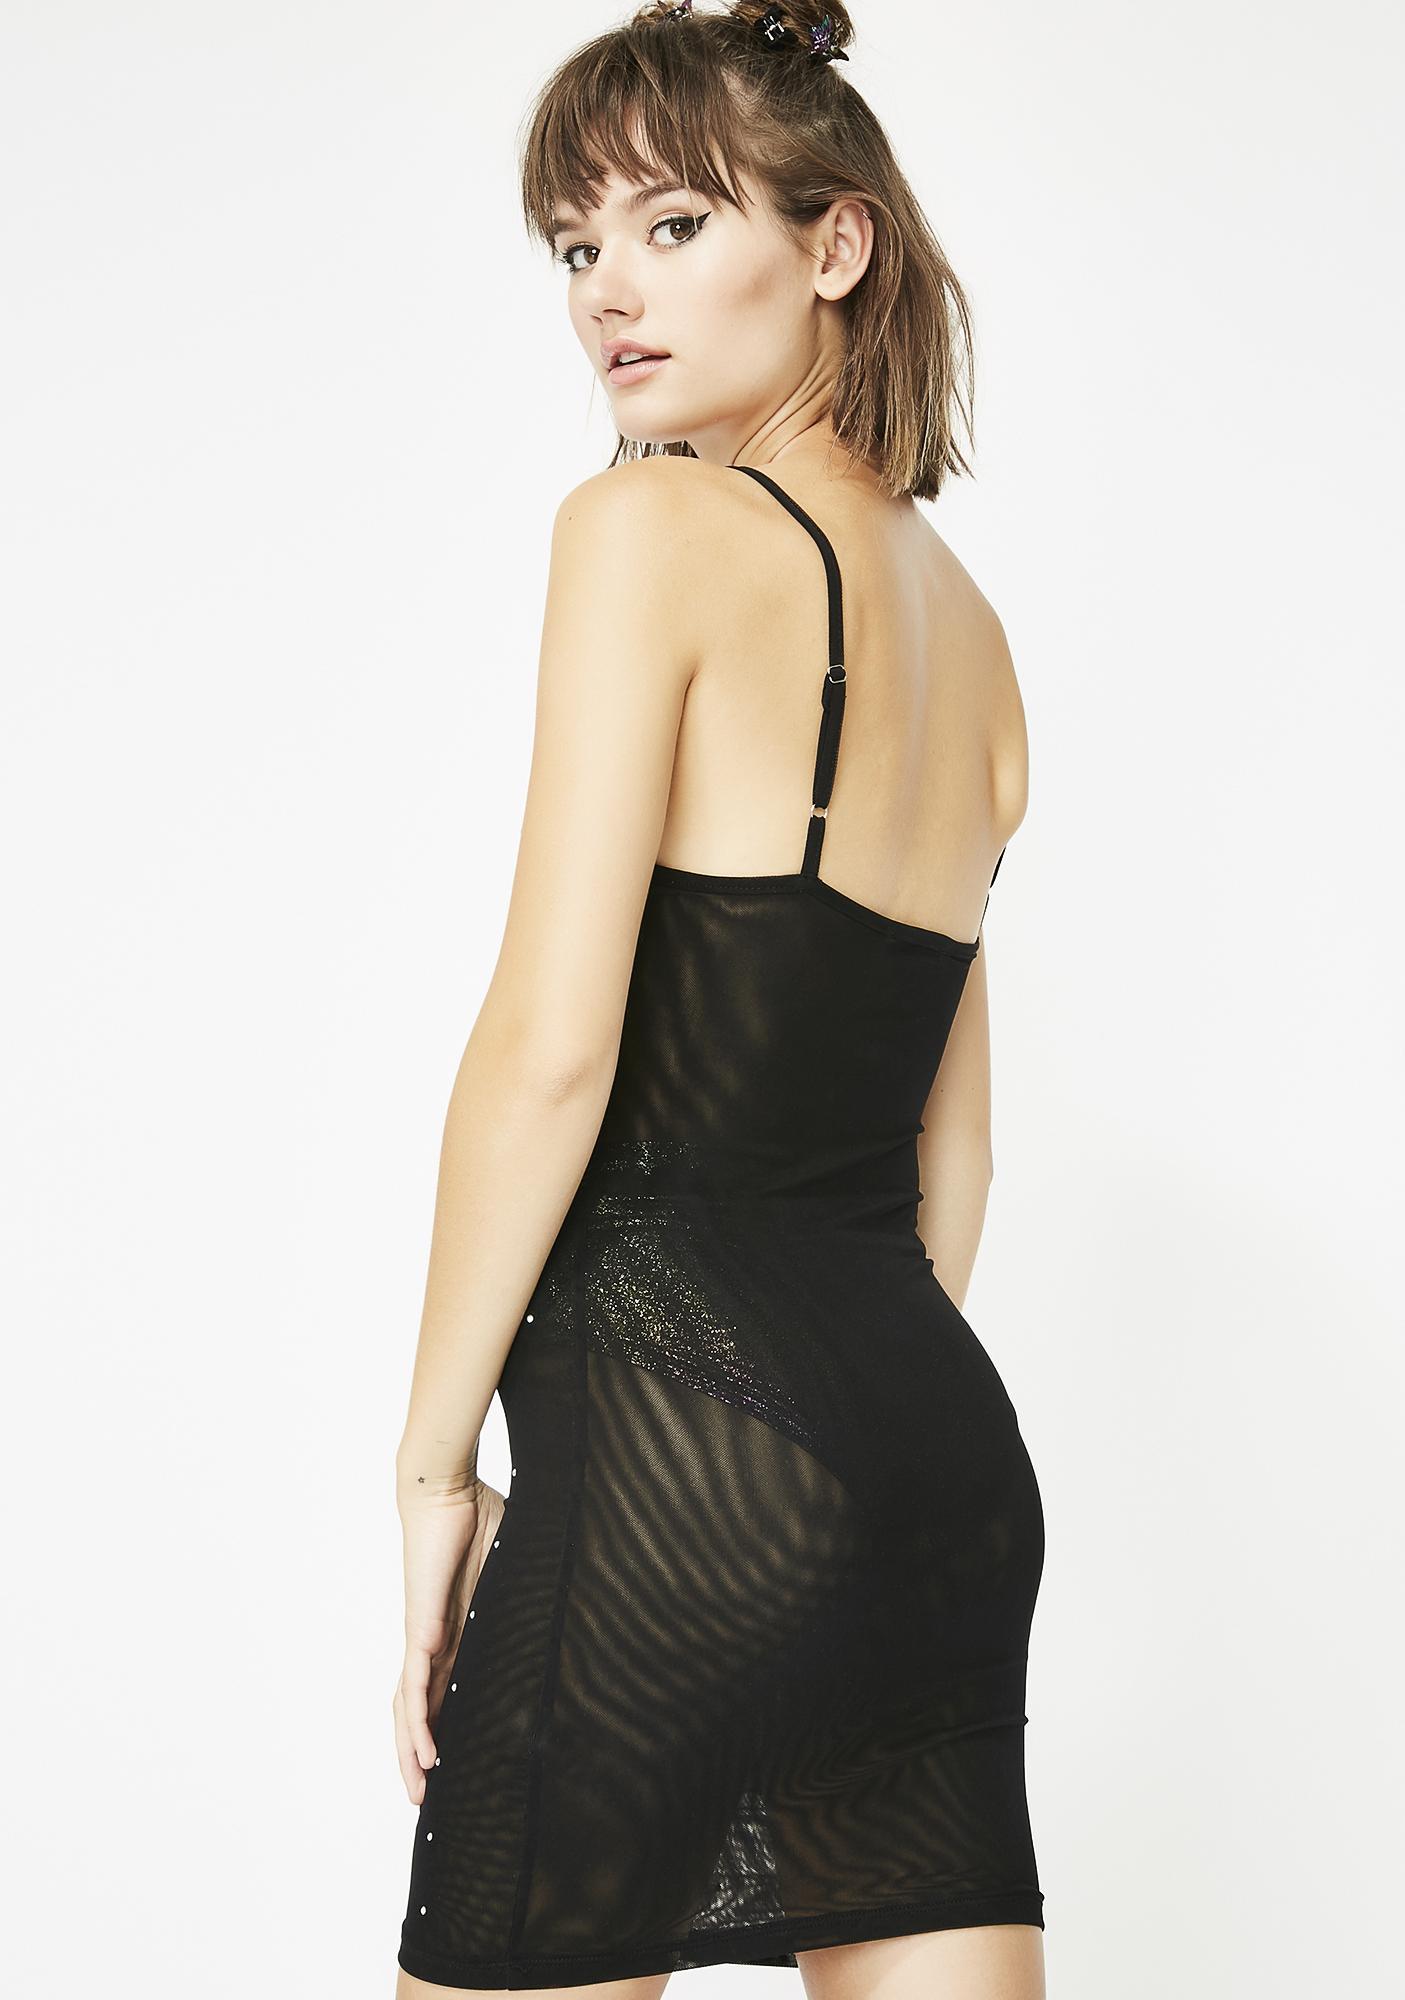 Hurry Hurry Mesh Dress